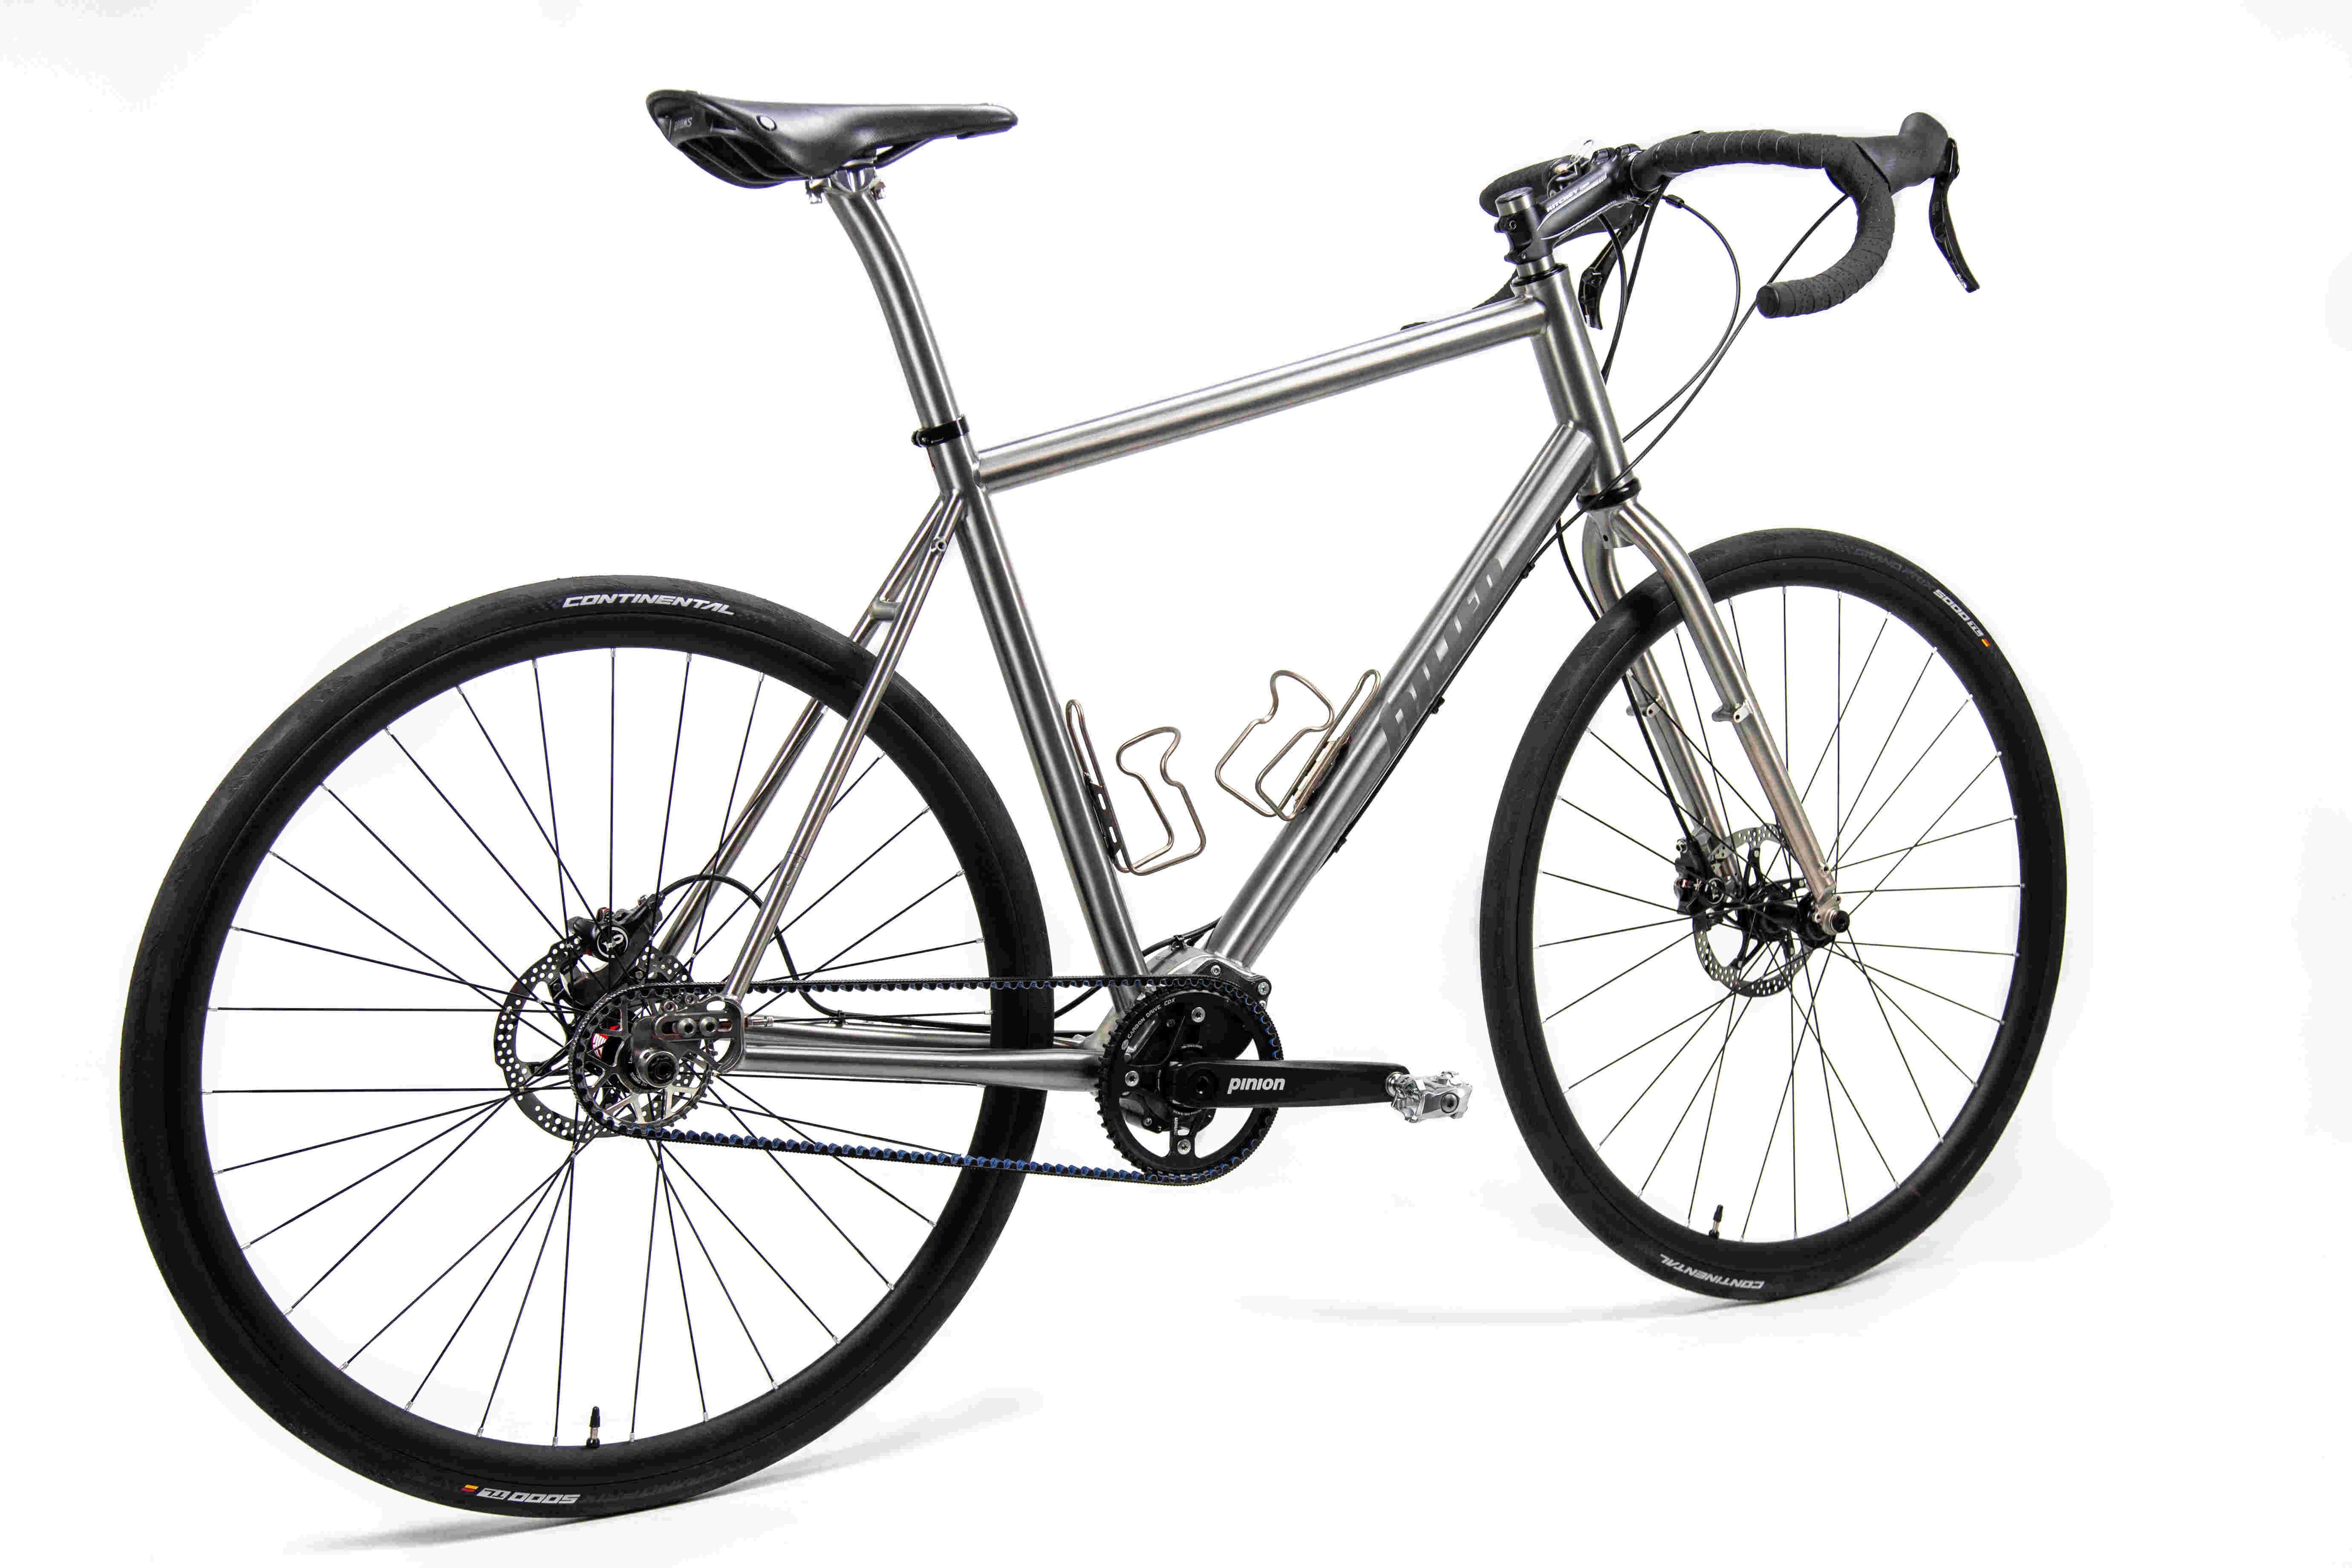 05_Pinion_Gravel_Race_Bike